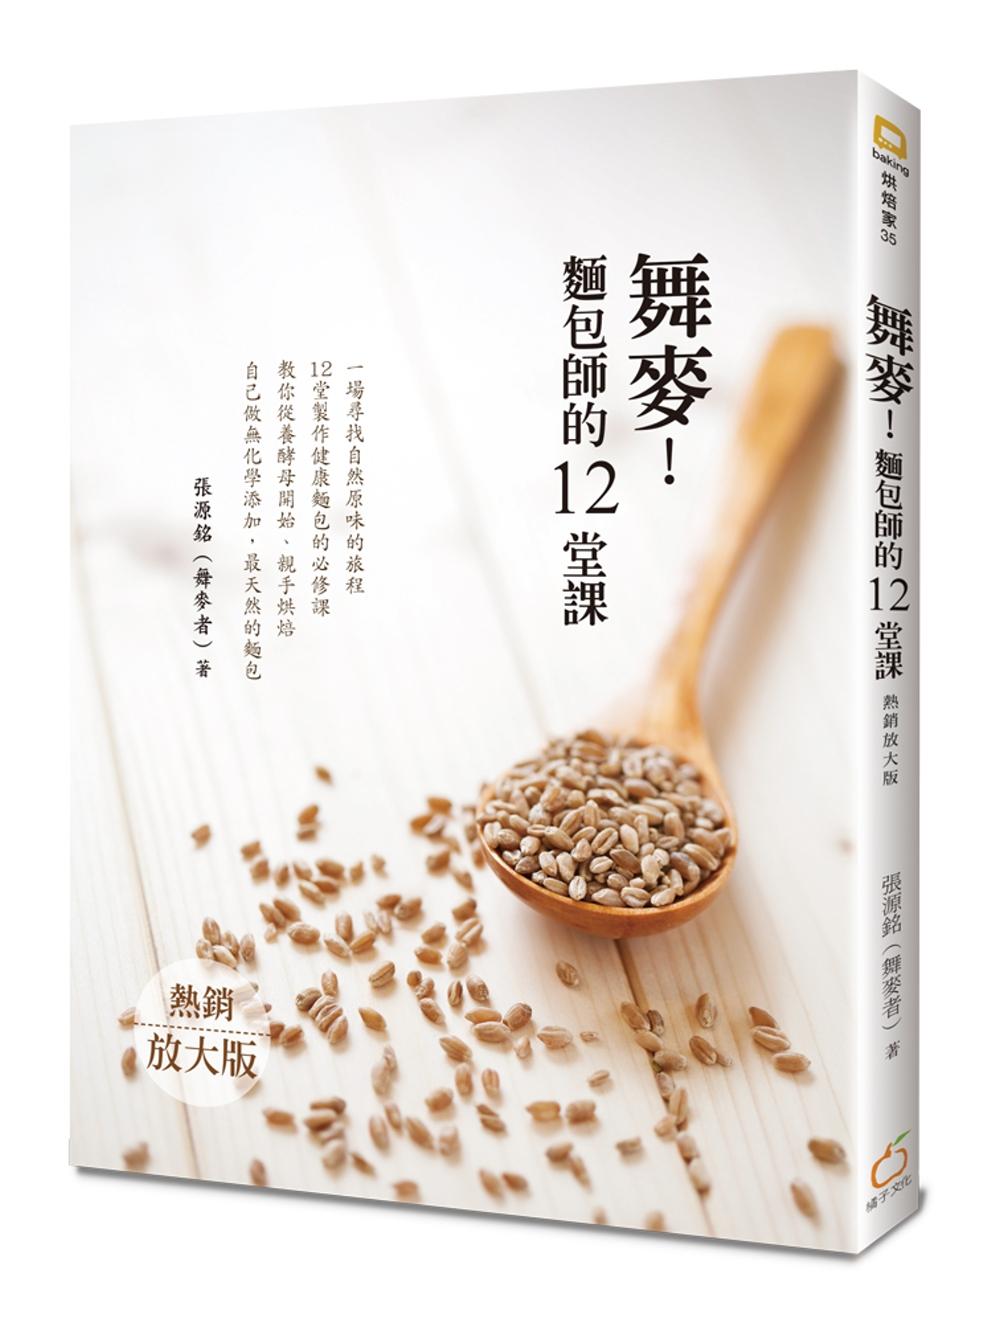 ◤博客來BOOKS◢ 暢銷書榜《推薦》舞麥!麵包師的12堂課 (熱銷放大版)